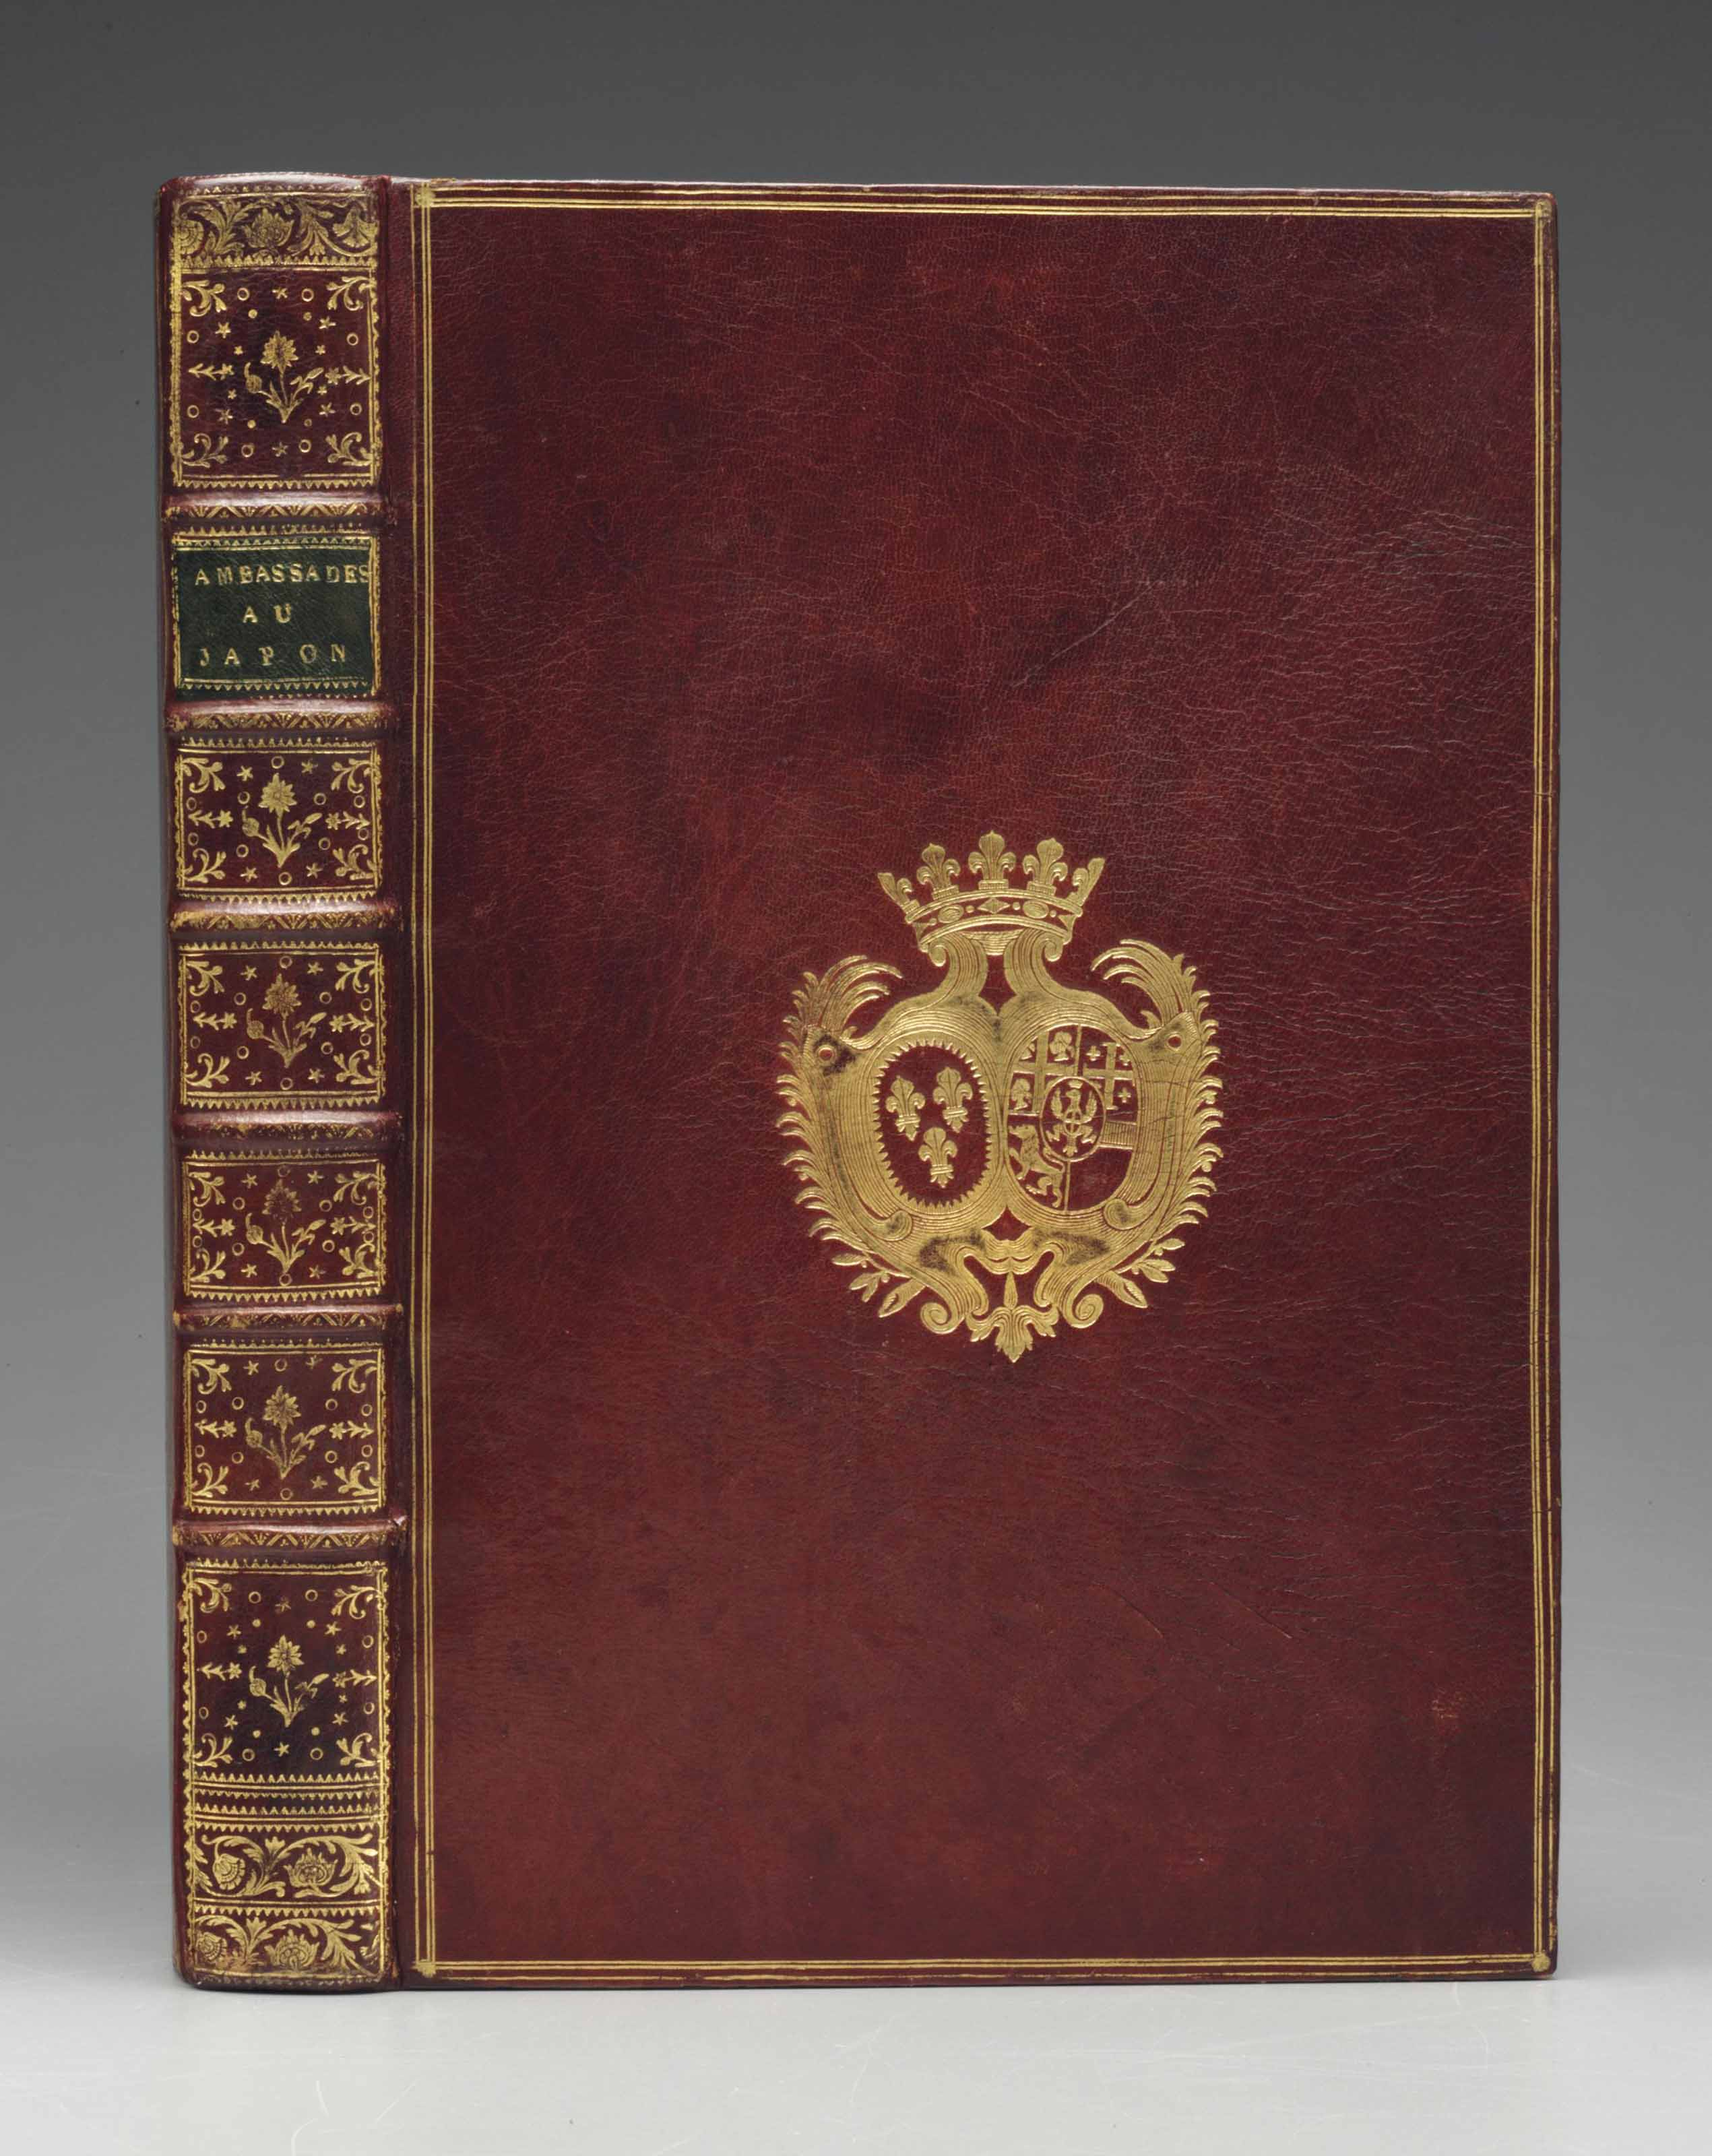 MONTANUS, Arnoldus (1625?-1683